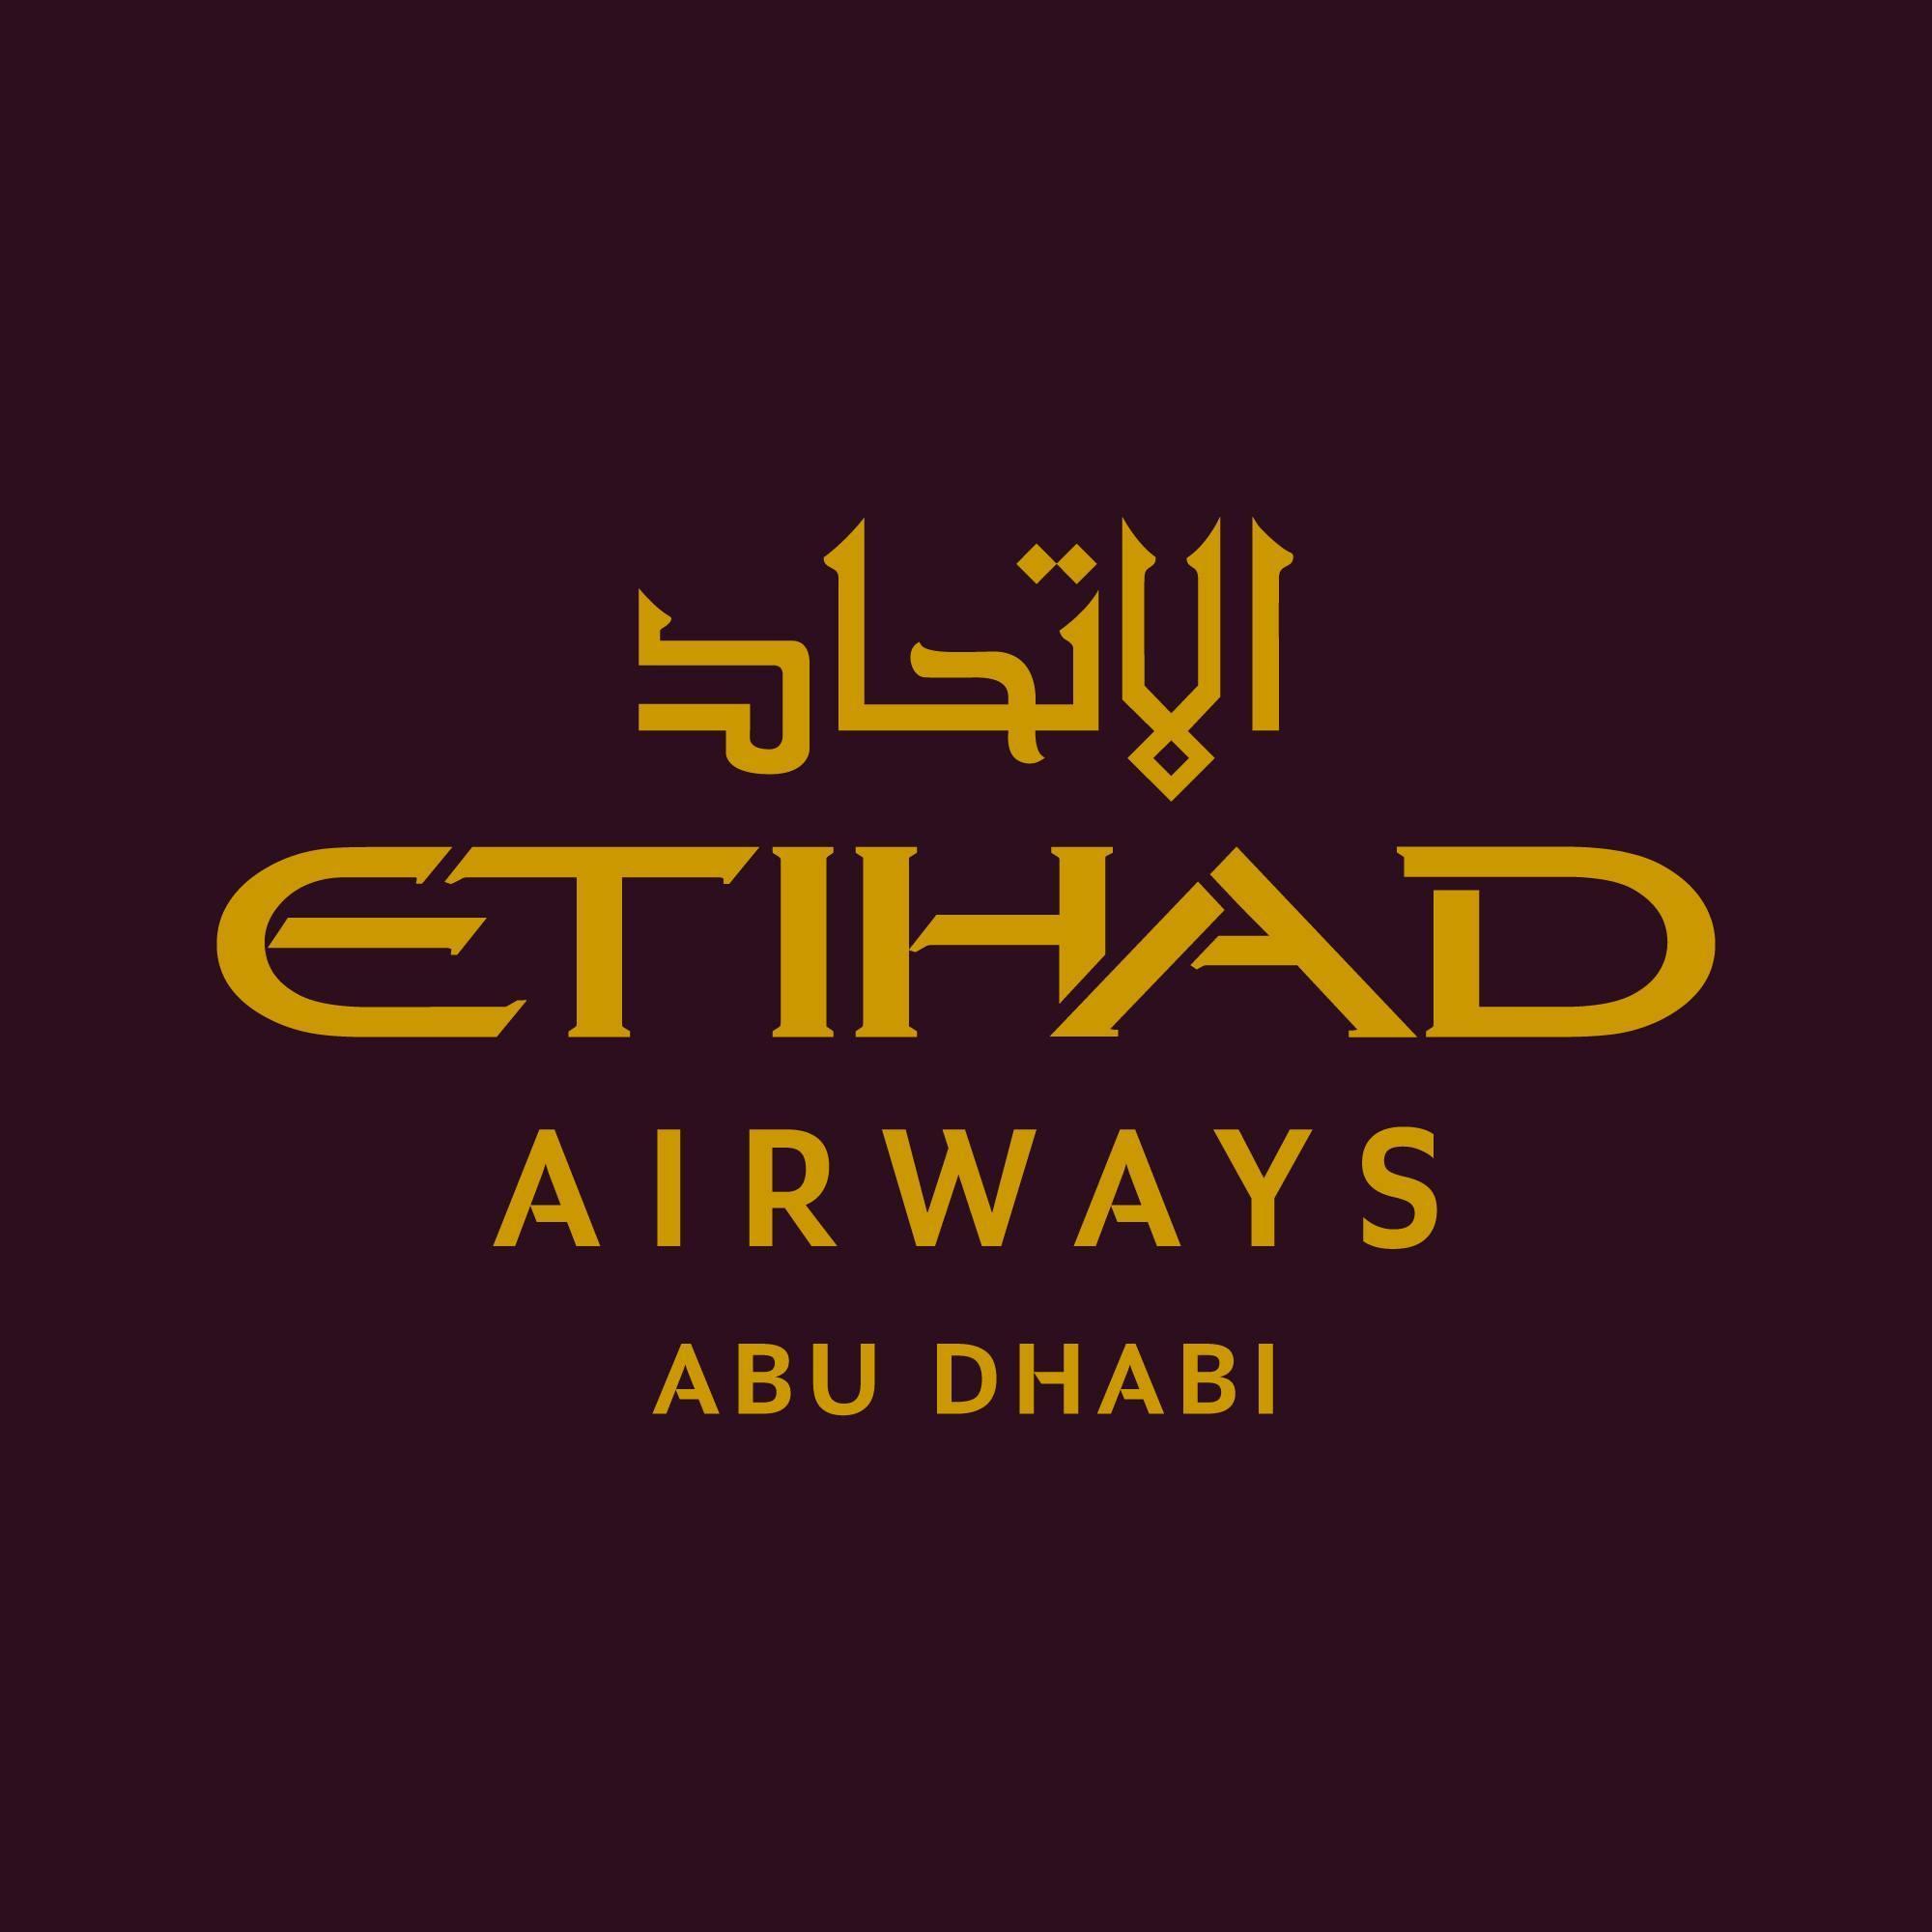 Etihad Airways - Airlines Affiliate Programs